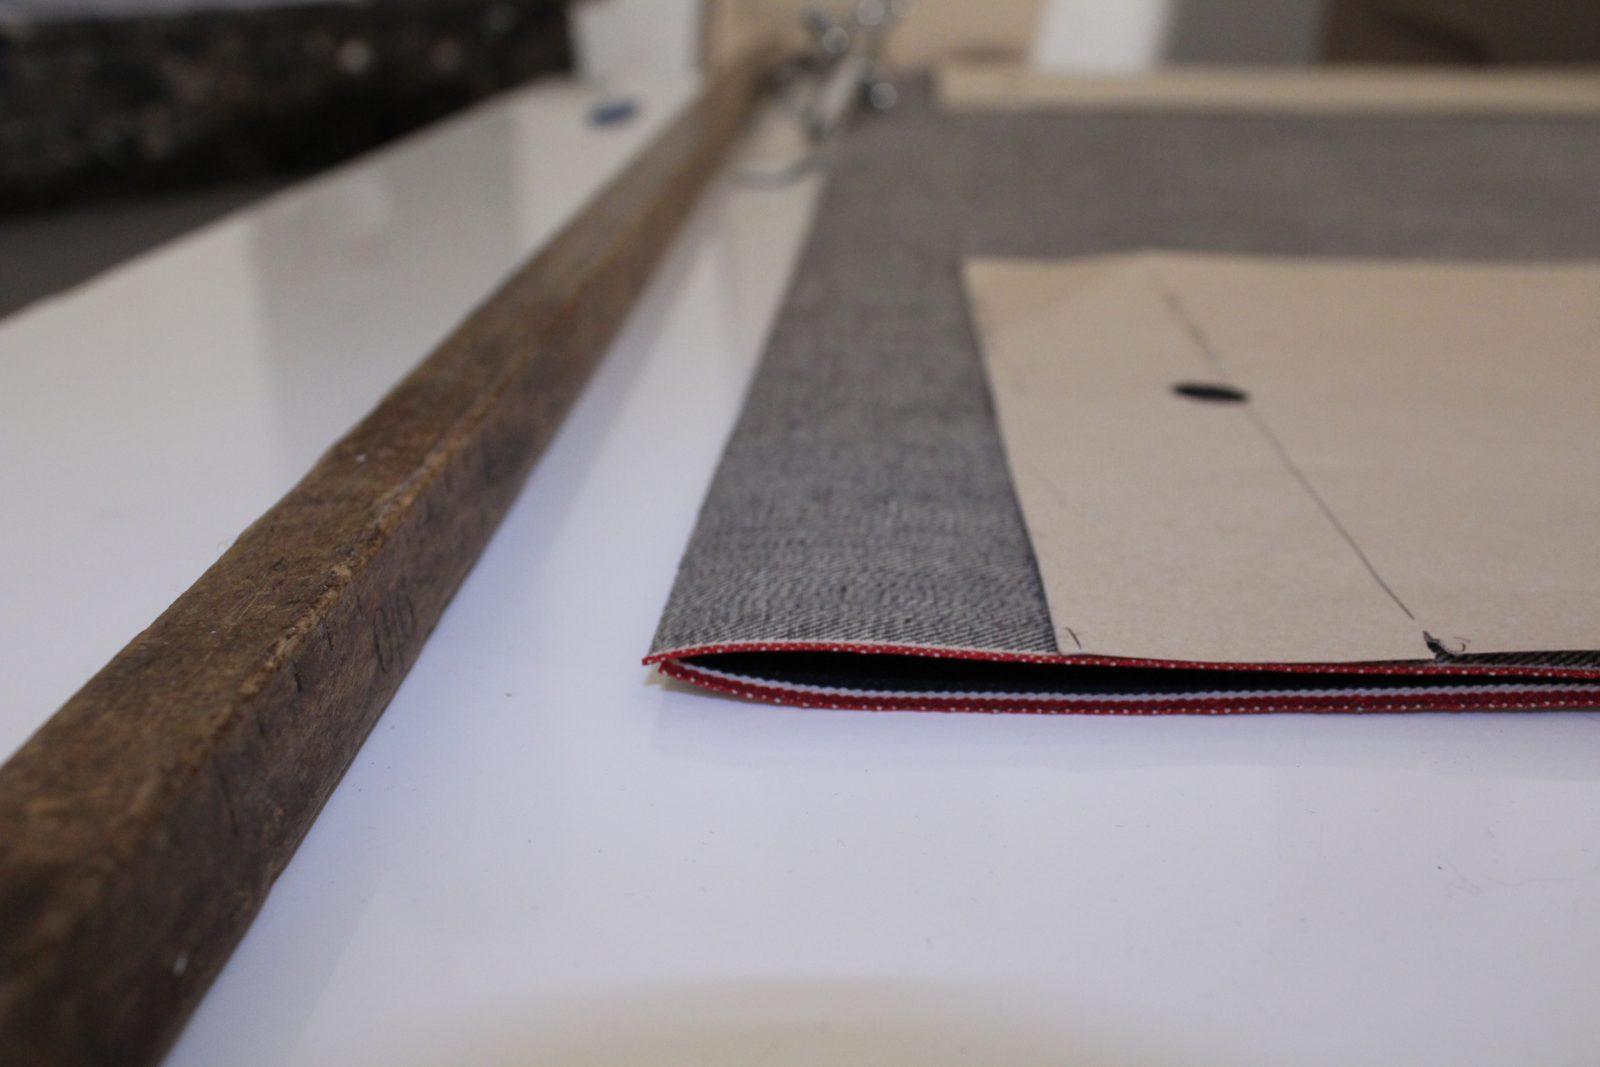 Ateliers de Nîmes denim fabrication artisanale